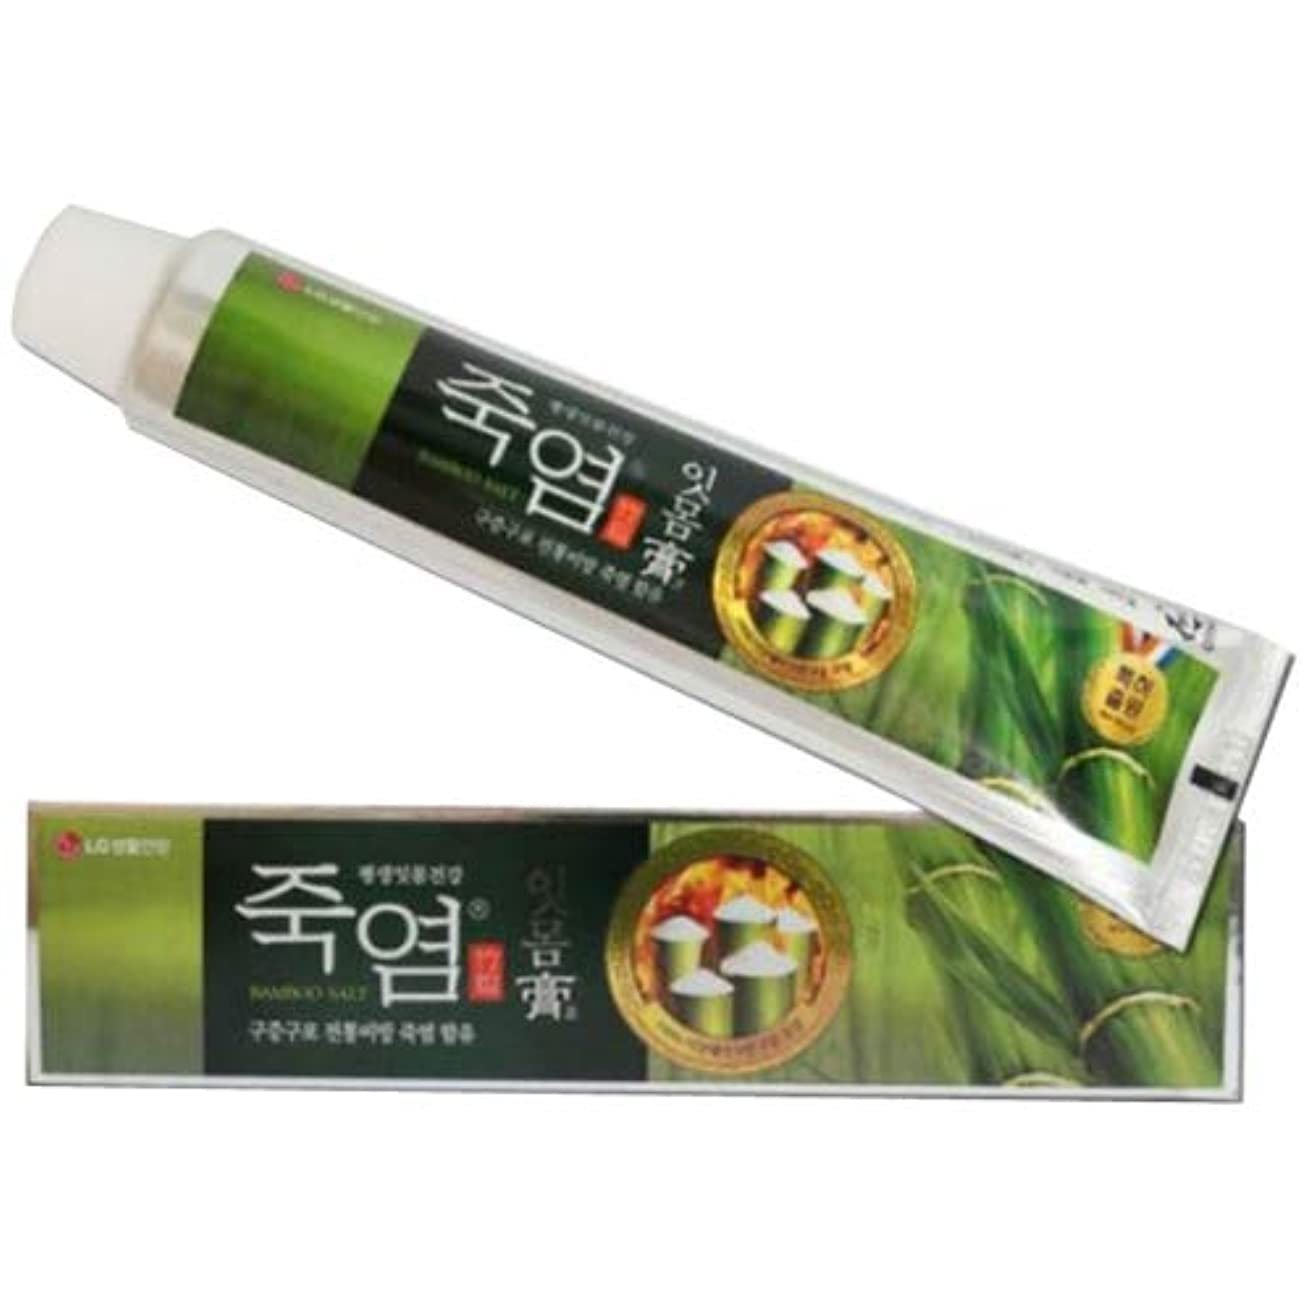 シンジケート悲鳴アナロジーLG生活健康 竹塩歯磨き粉 (歯康膏:ウンガンゴ)(120g X2個) 竹塩歯磨き粉つぶれて歯茎を健康に ウンガンゴ